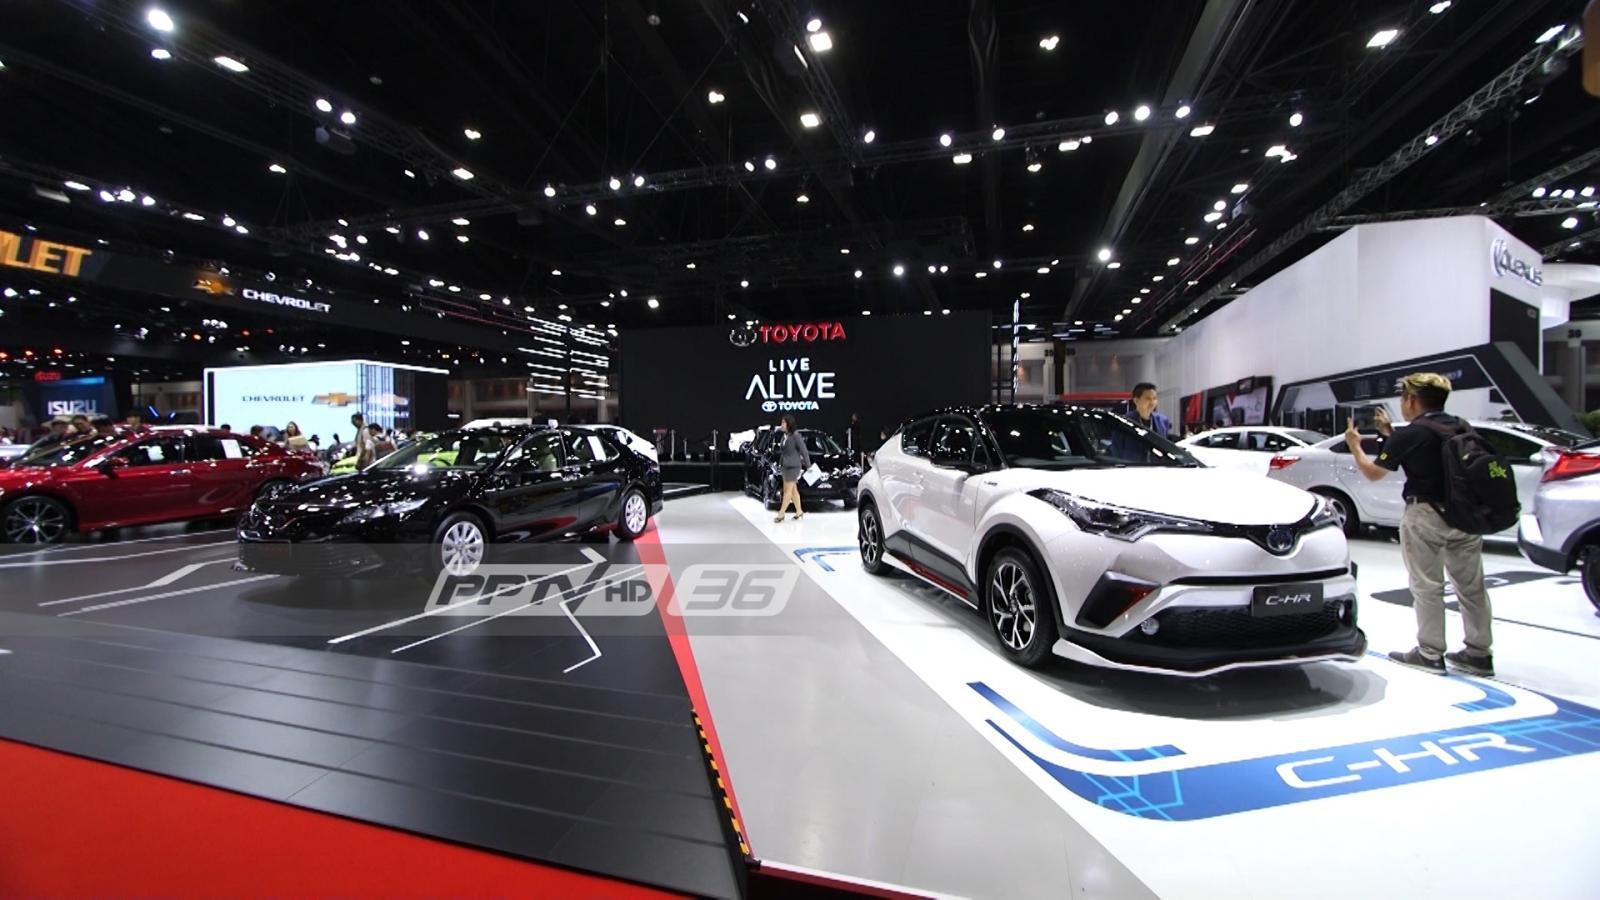 ยอดขายรถยนต์ ก.ค.62 ลด 1.1% เหตุเศรษฐกิจฟื้นช้า